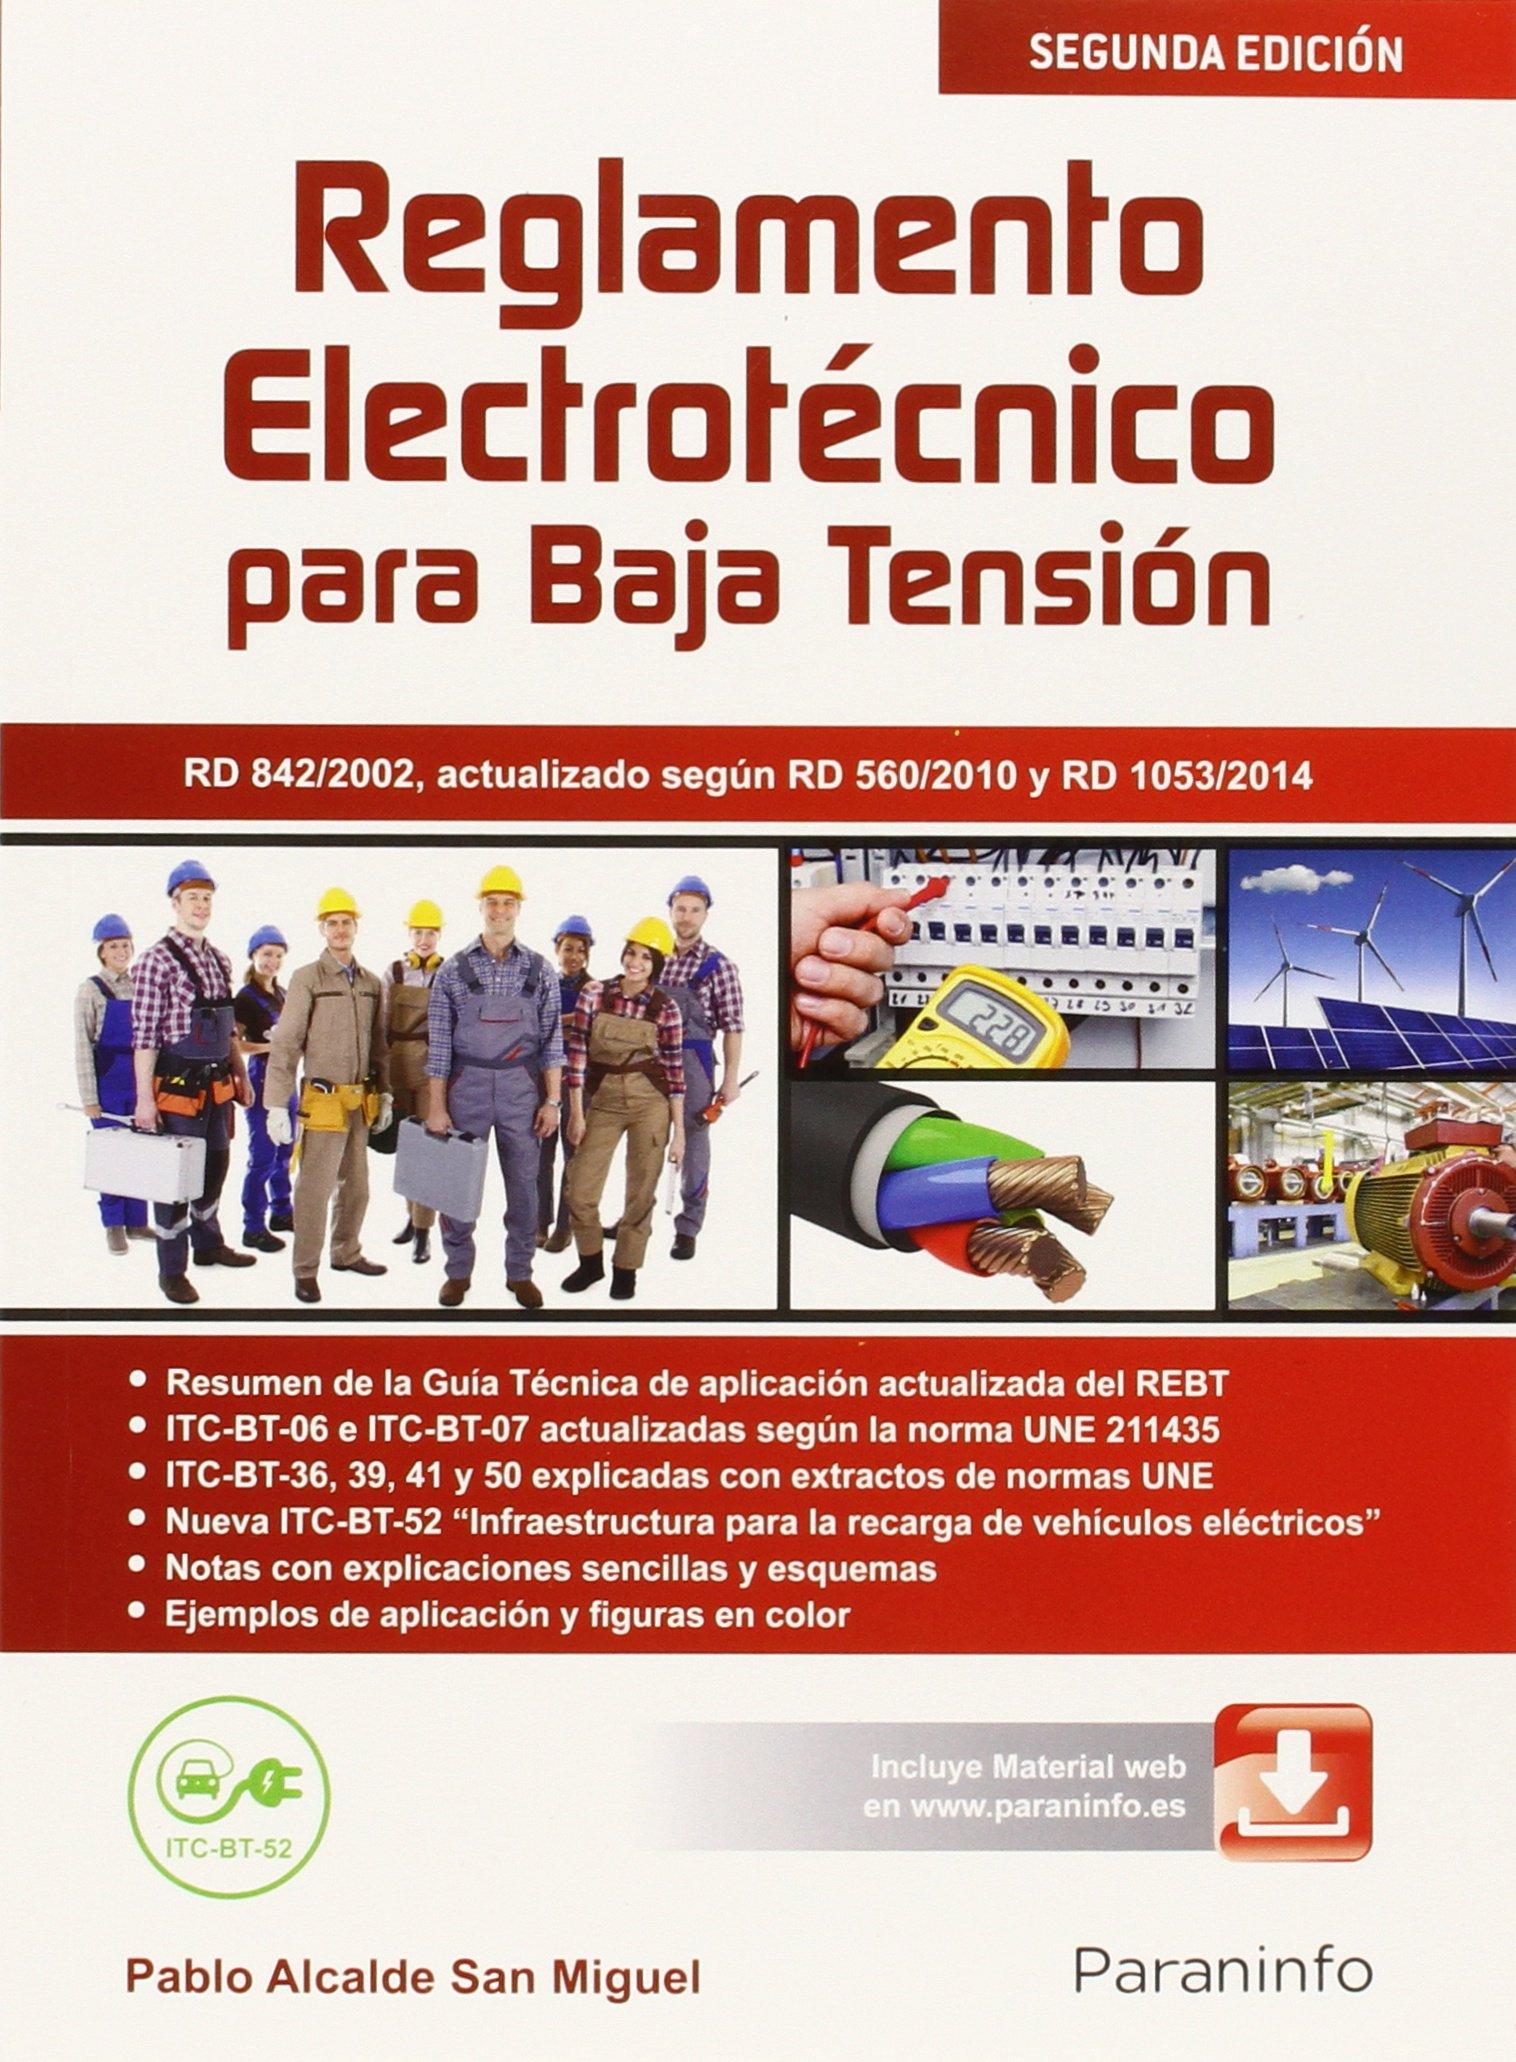 REGLAMENTO ELECTROTÉCNICO PARA BAJA TENSIÓN - EDICIÓN 2015.